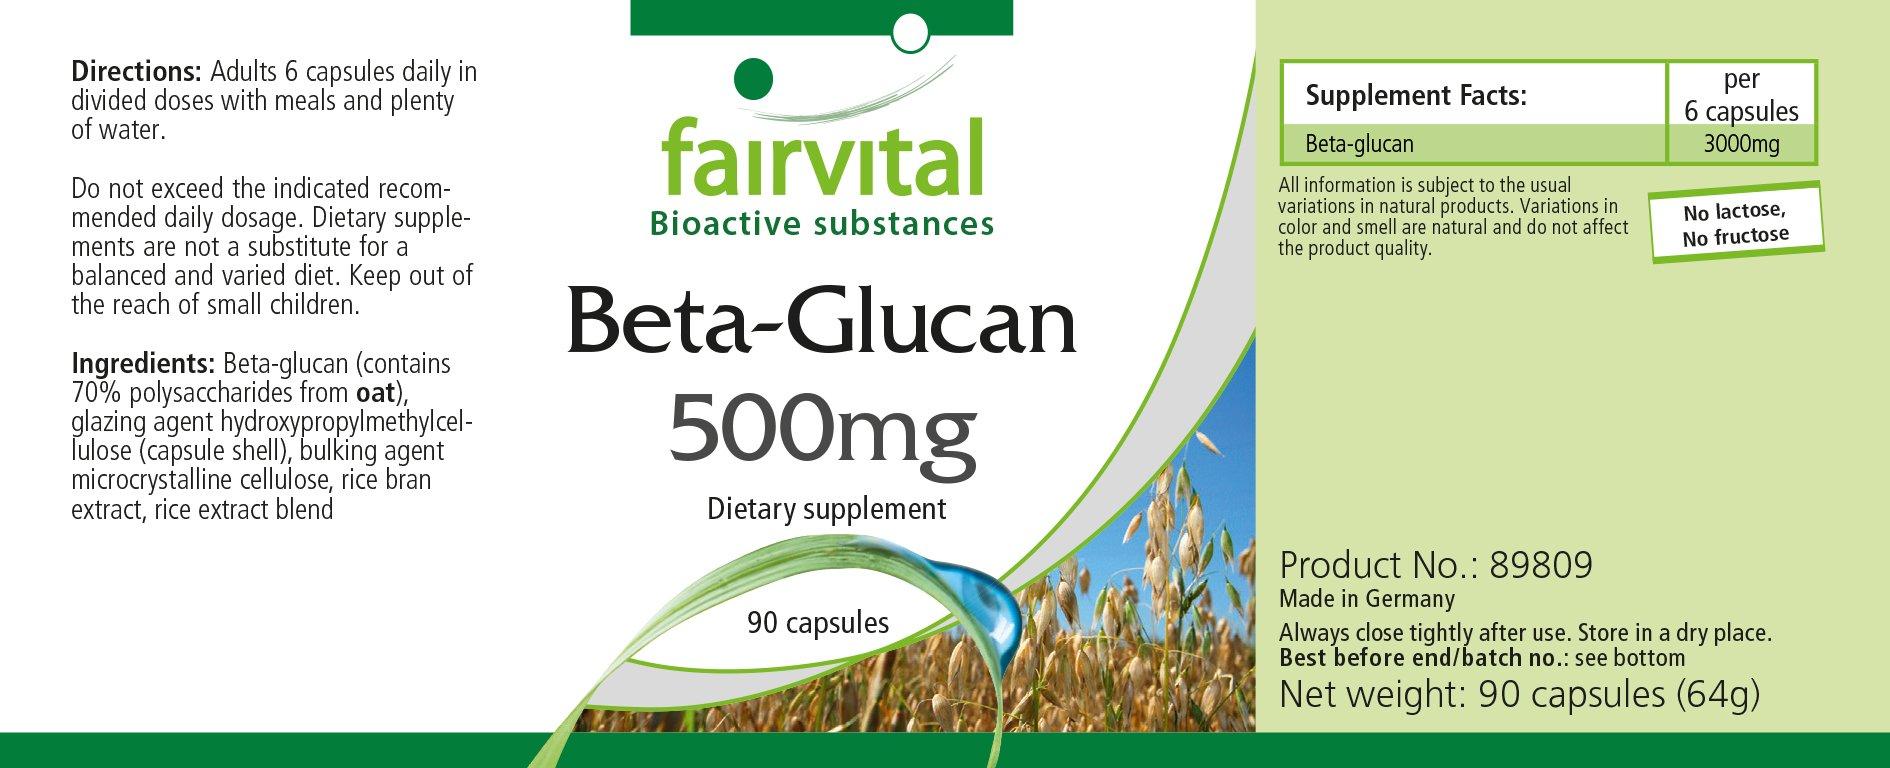 Beta-Glucan-500mg-VEGAN-HOCHDOSIERT-90-Kapseln-standardisiert-auf-70-Polysaccharide-aus-Hafer